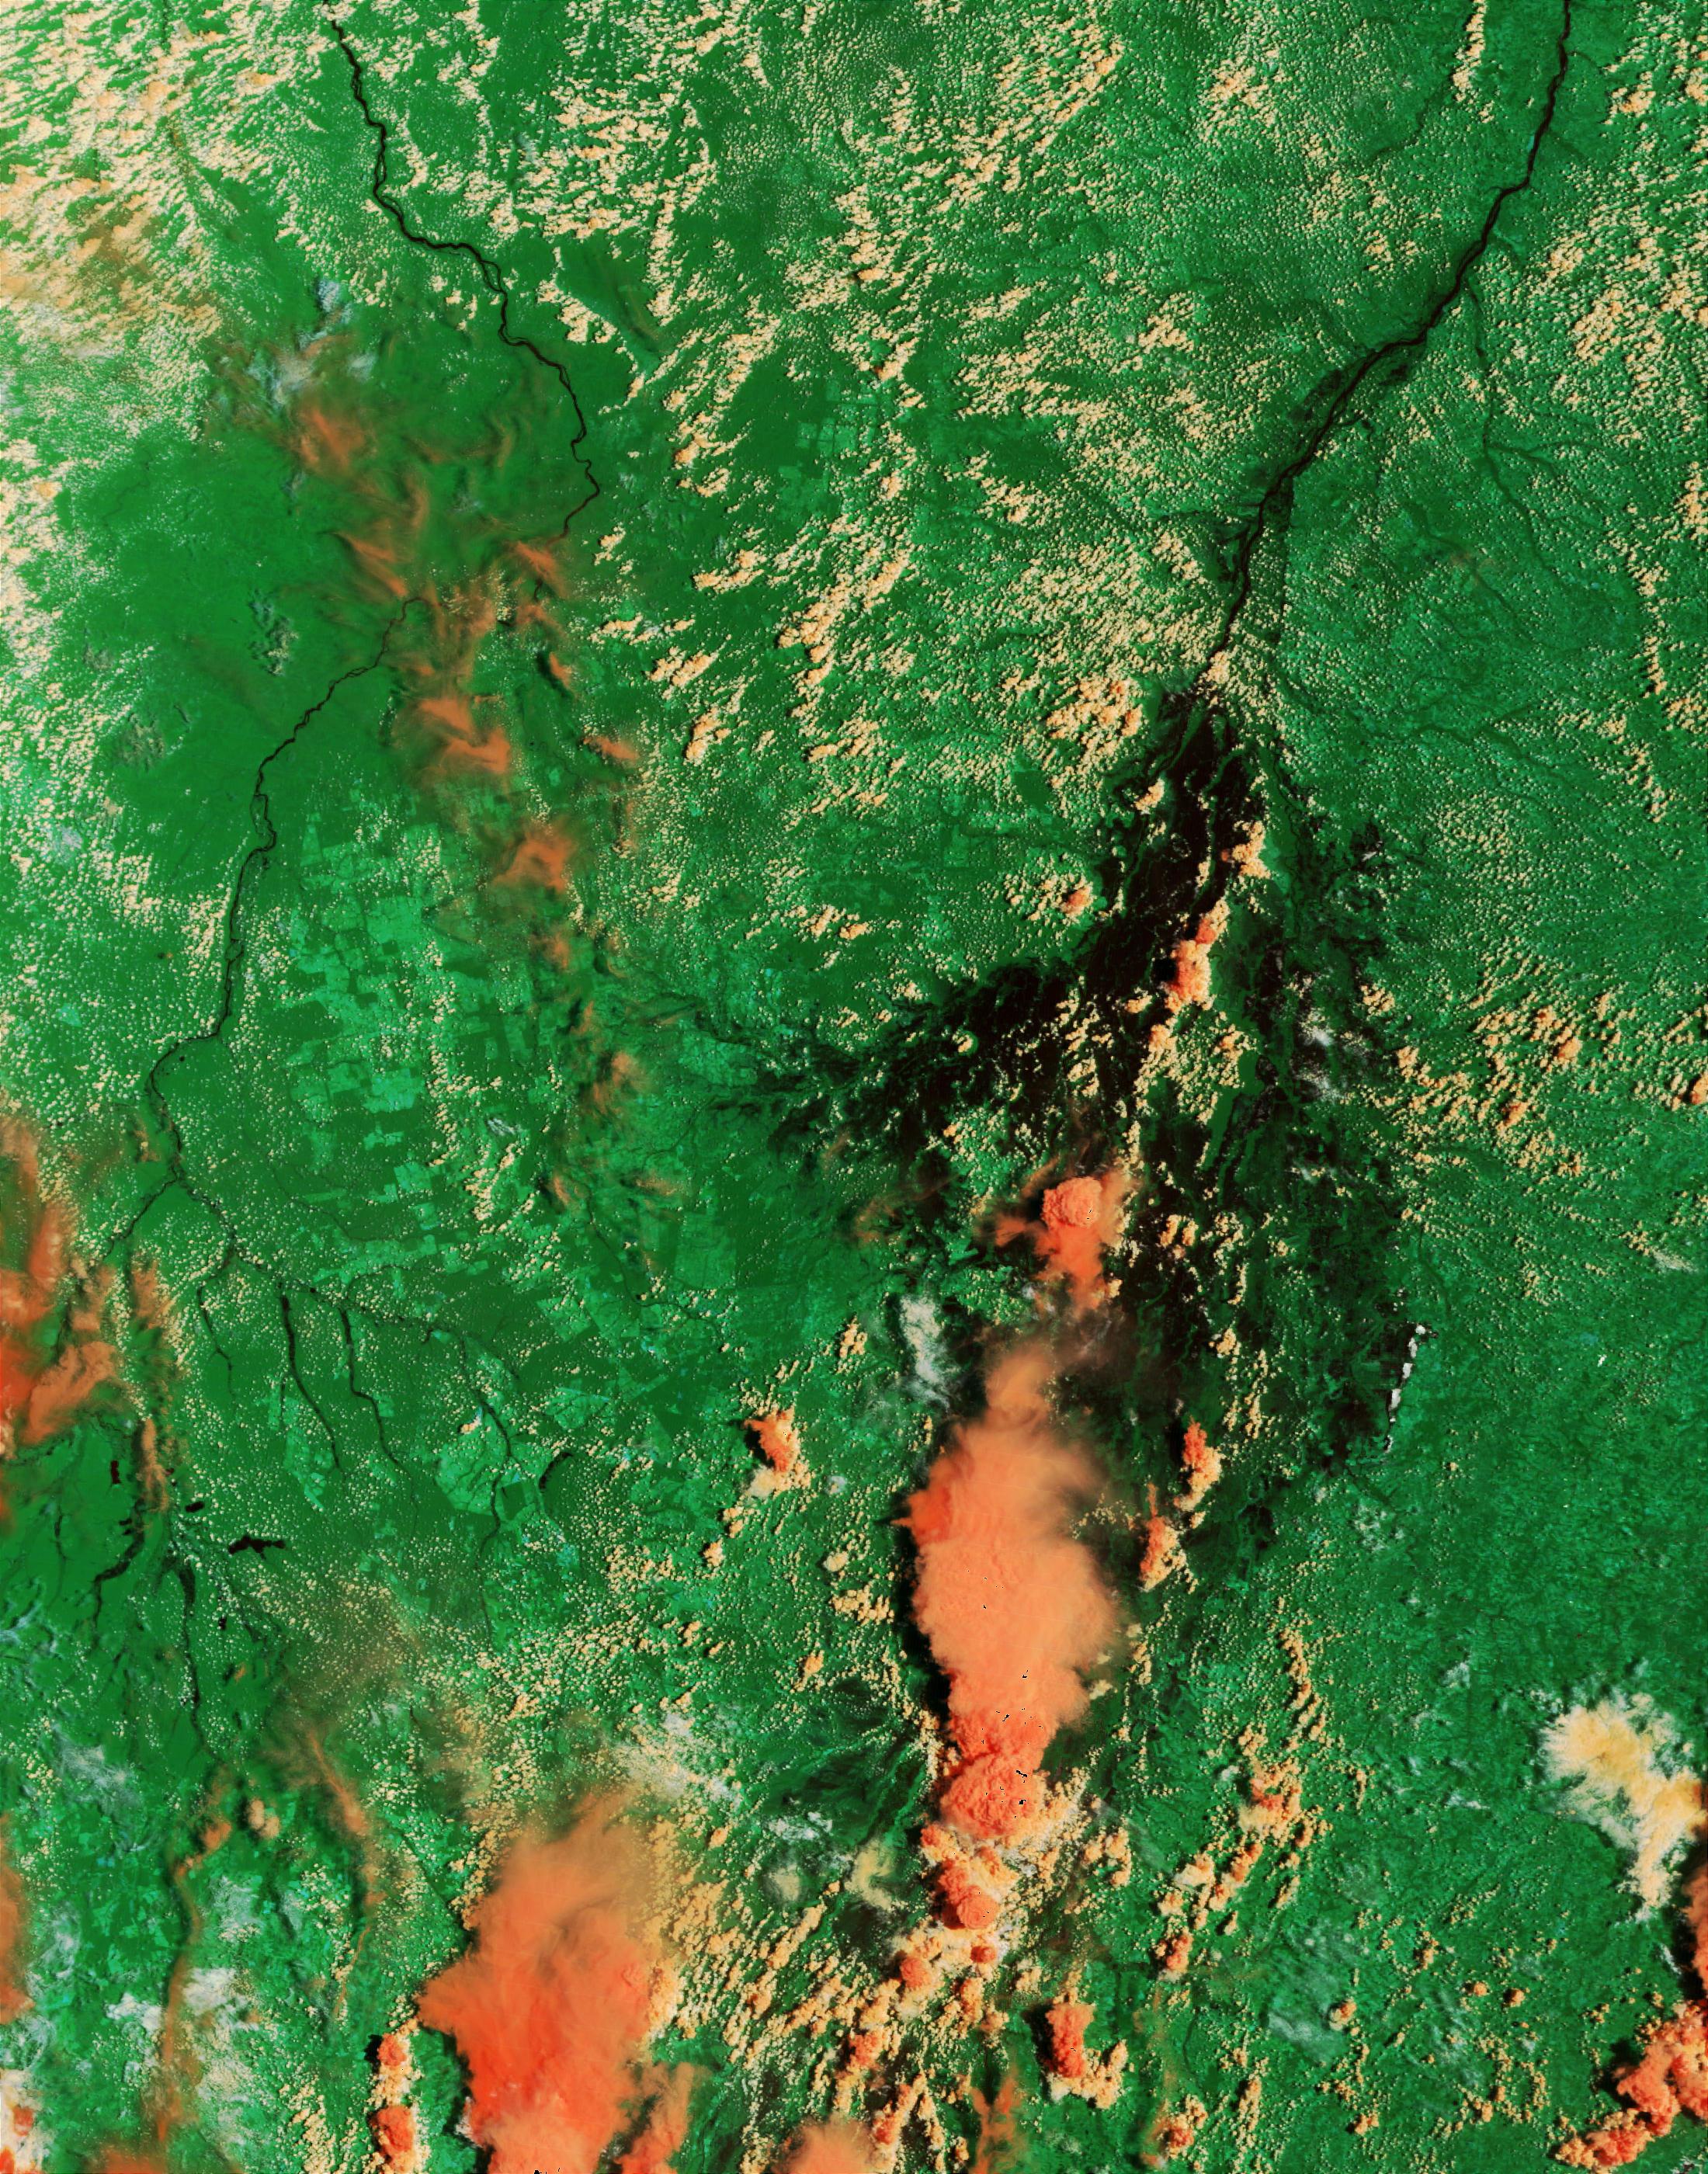 Humedales de la isla de Bananal, río Araguaia y río Xingú, centro de Brasil